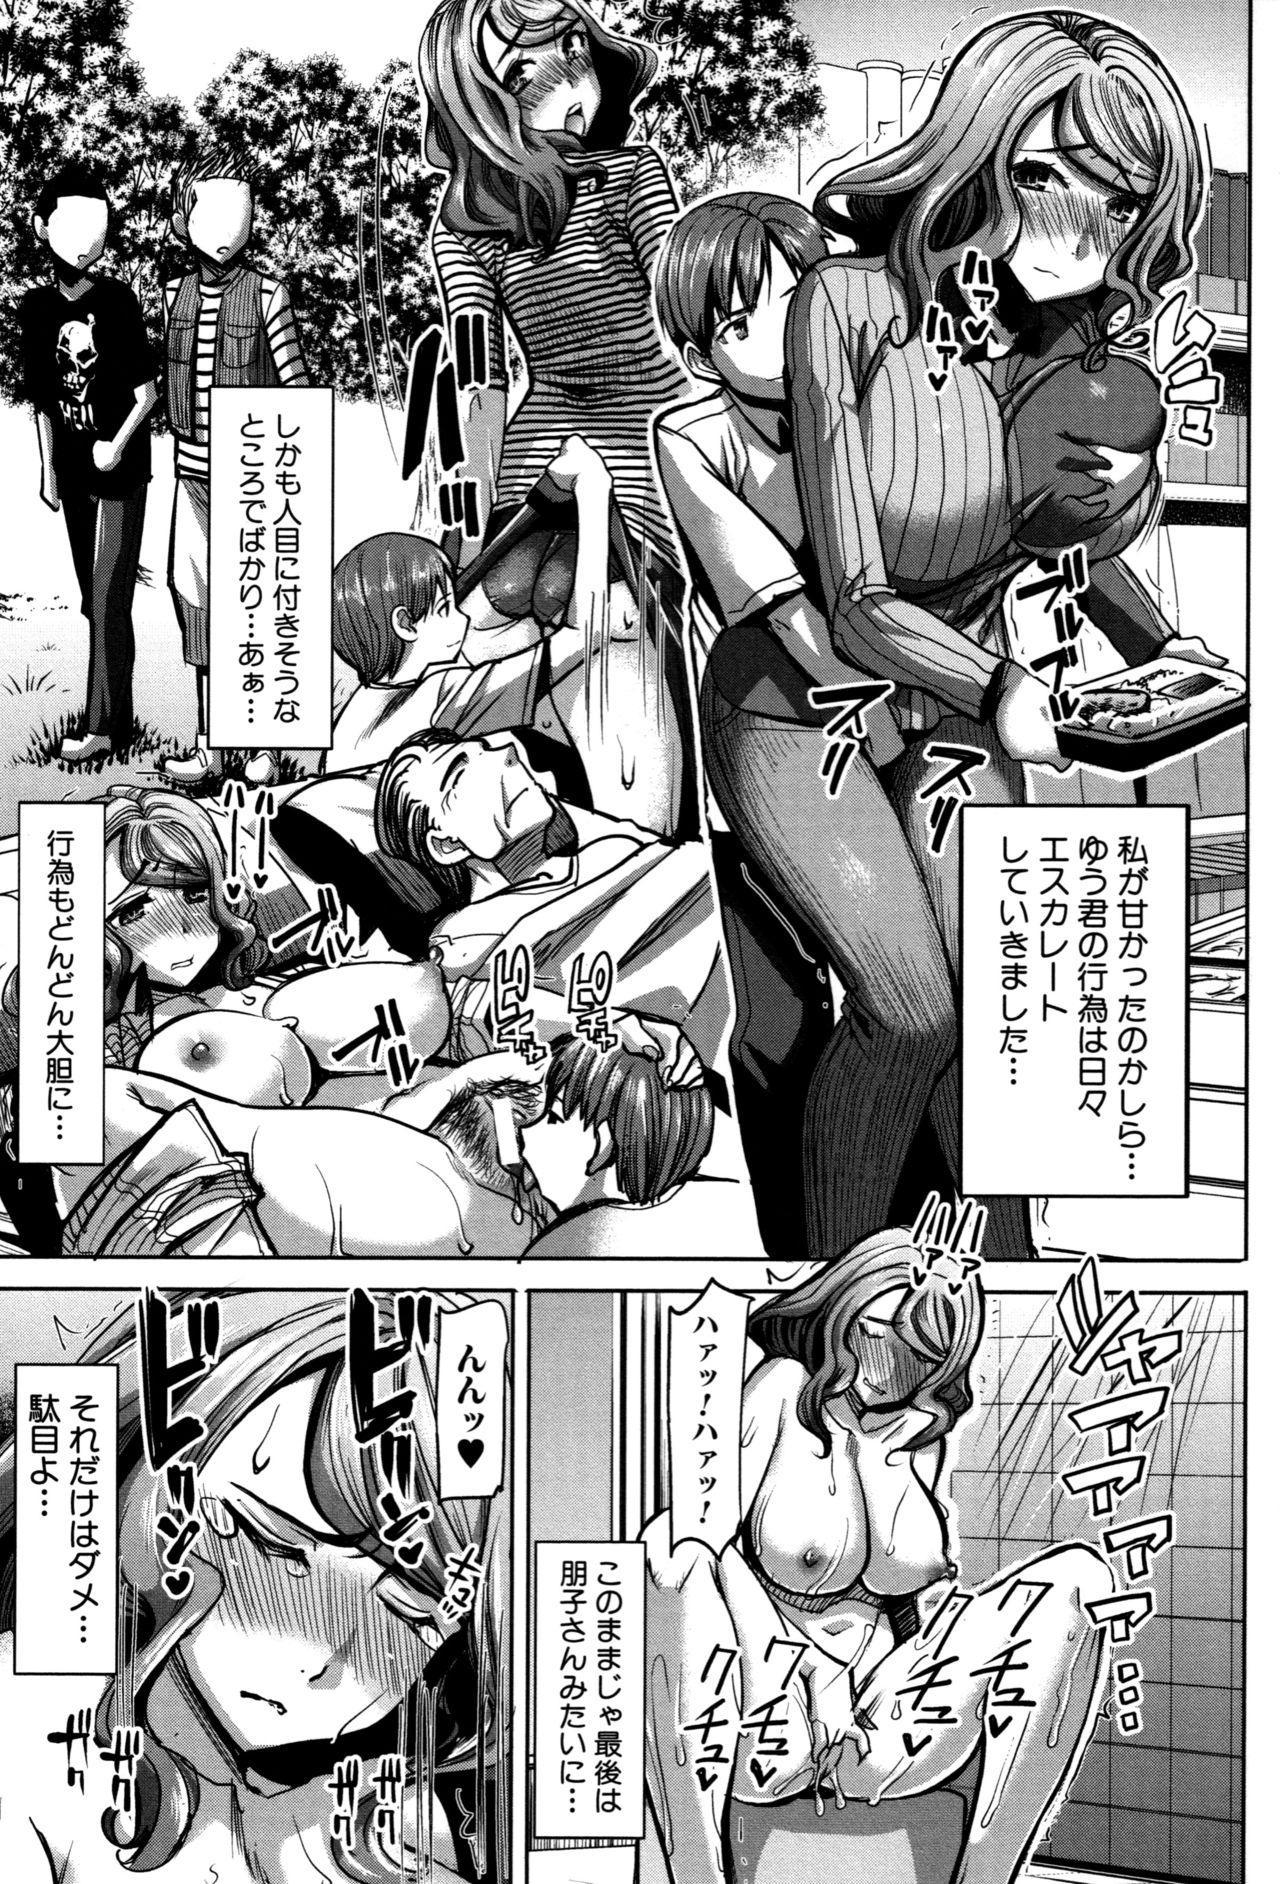 Unsweet - Asahina Ikka Netorareta Haha · Tomoko 88